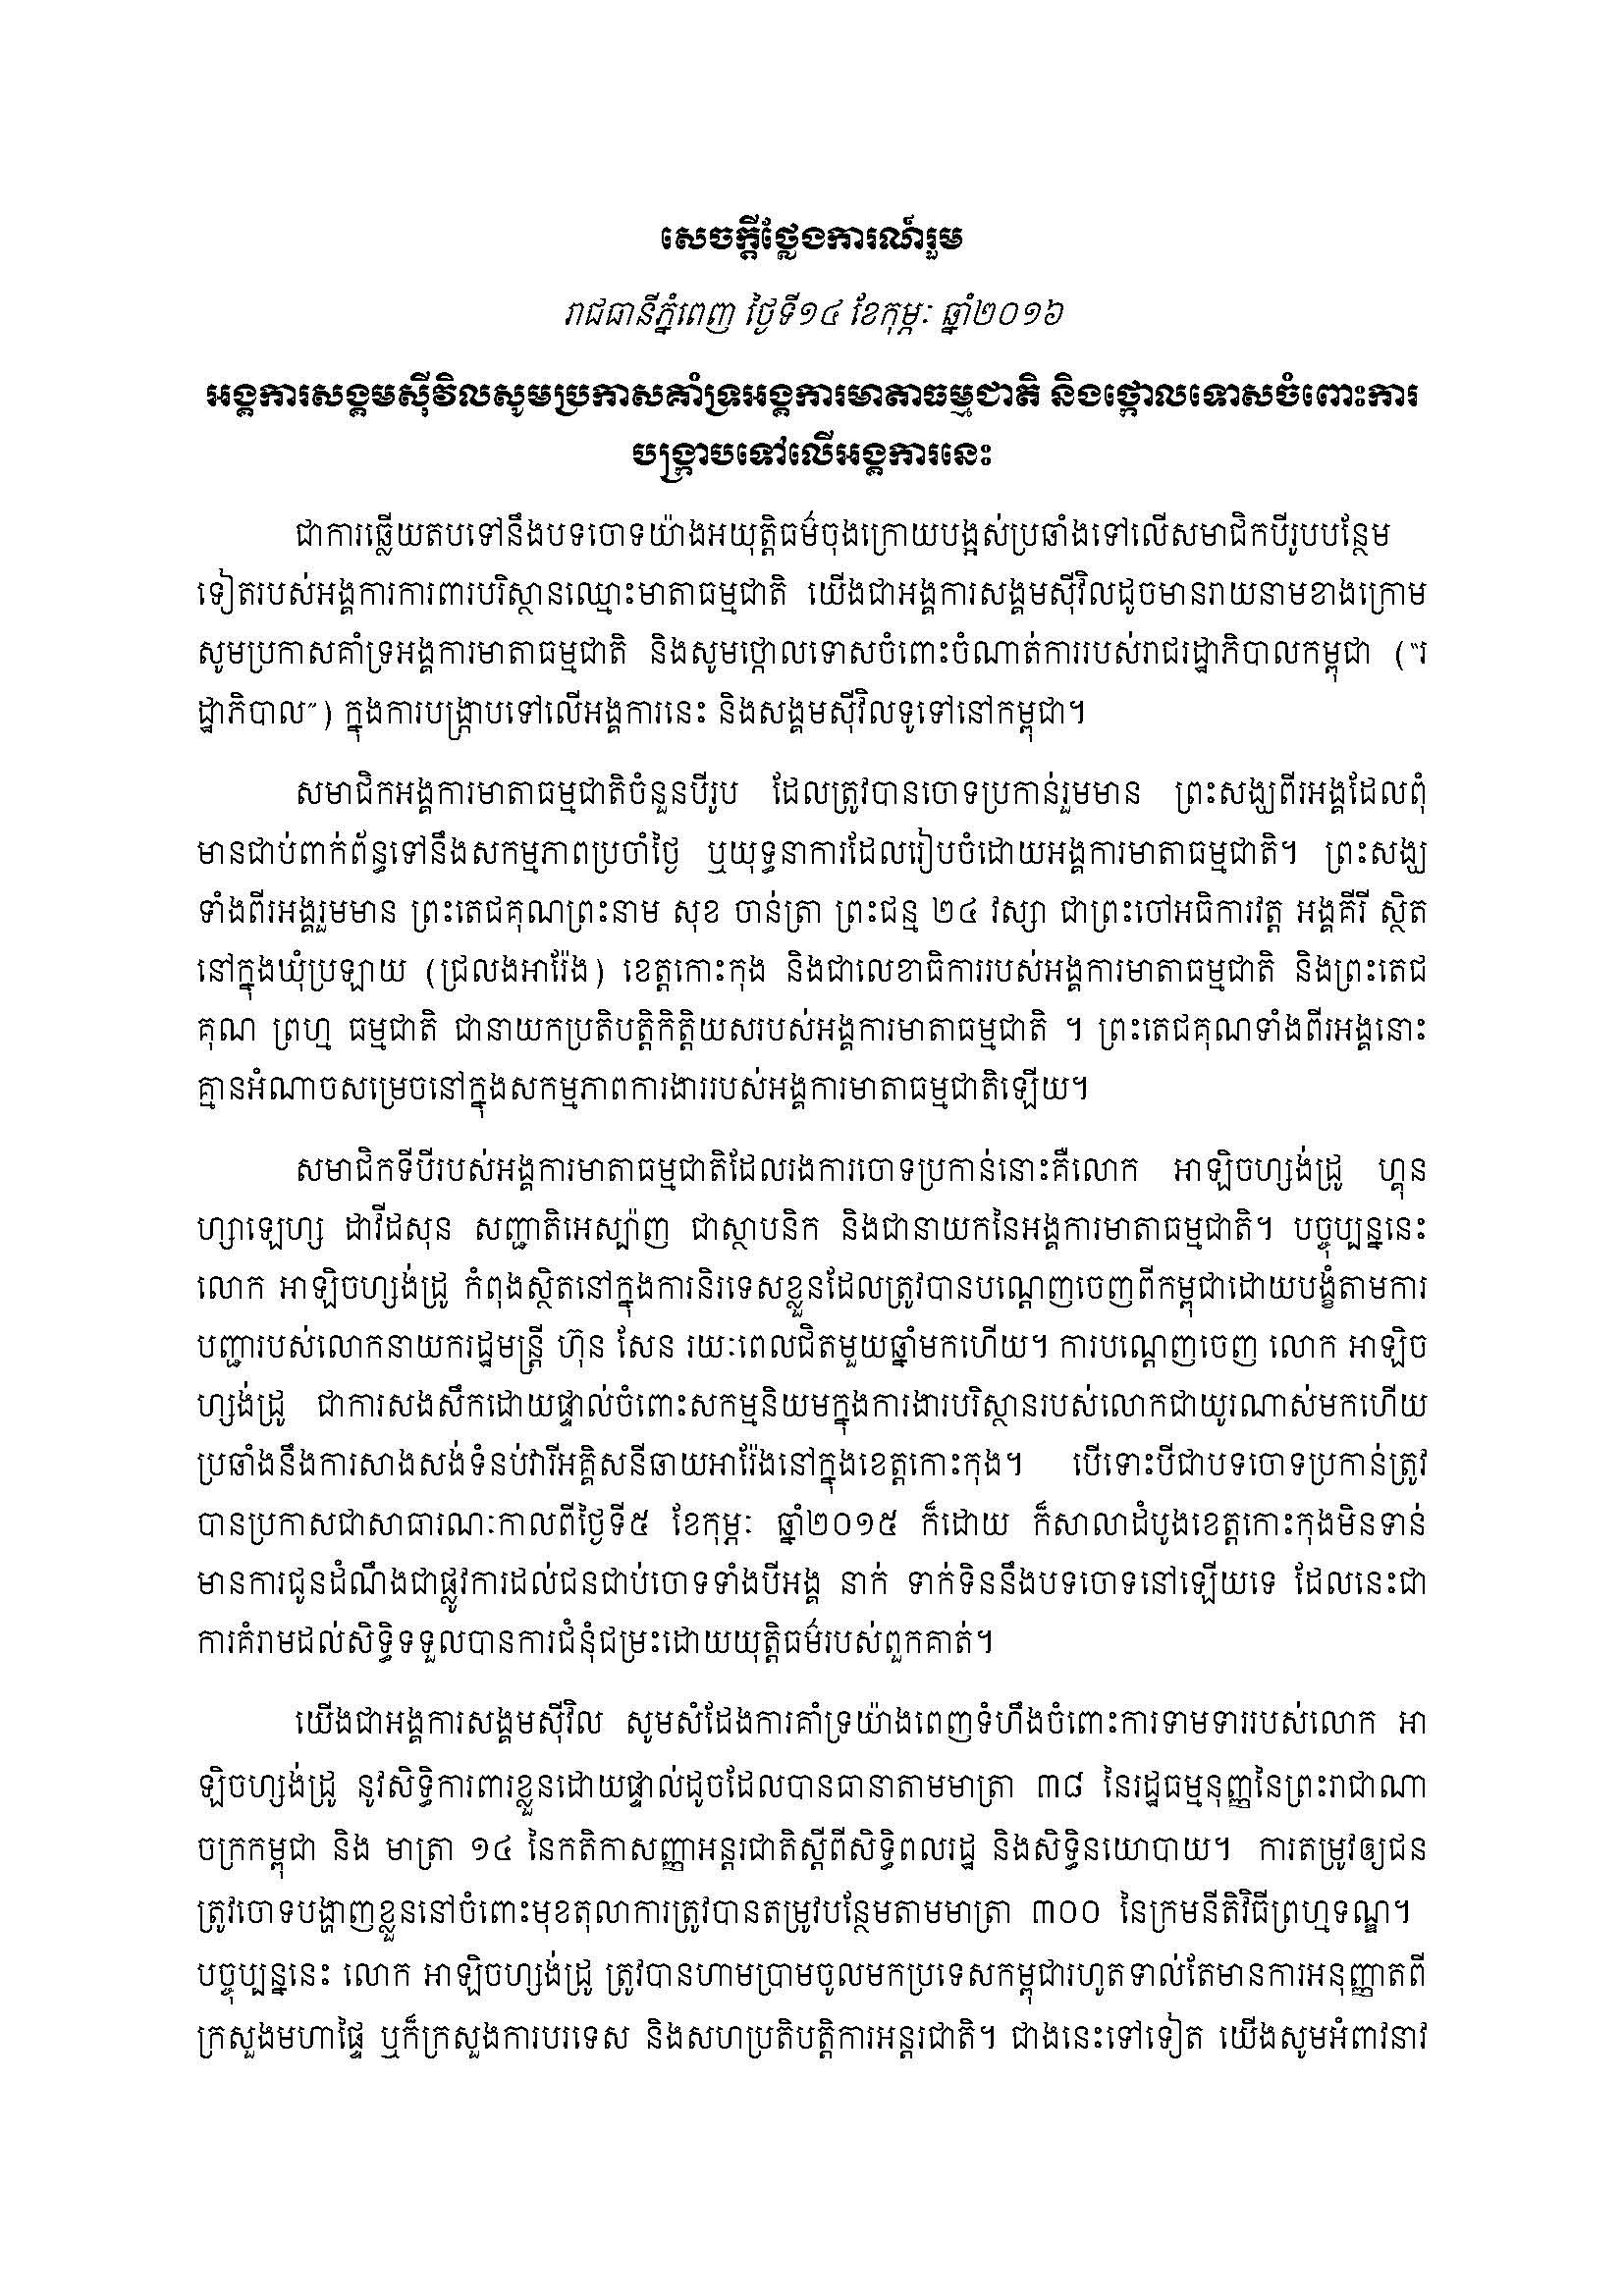 605_201jcdsfmnk_kh_Page_1